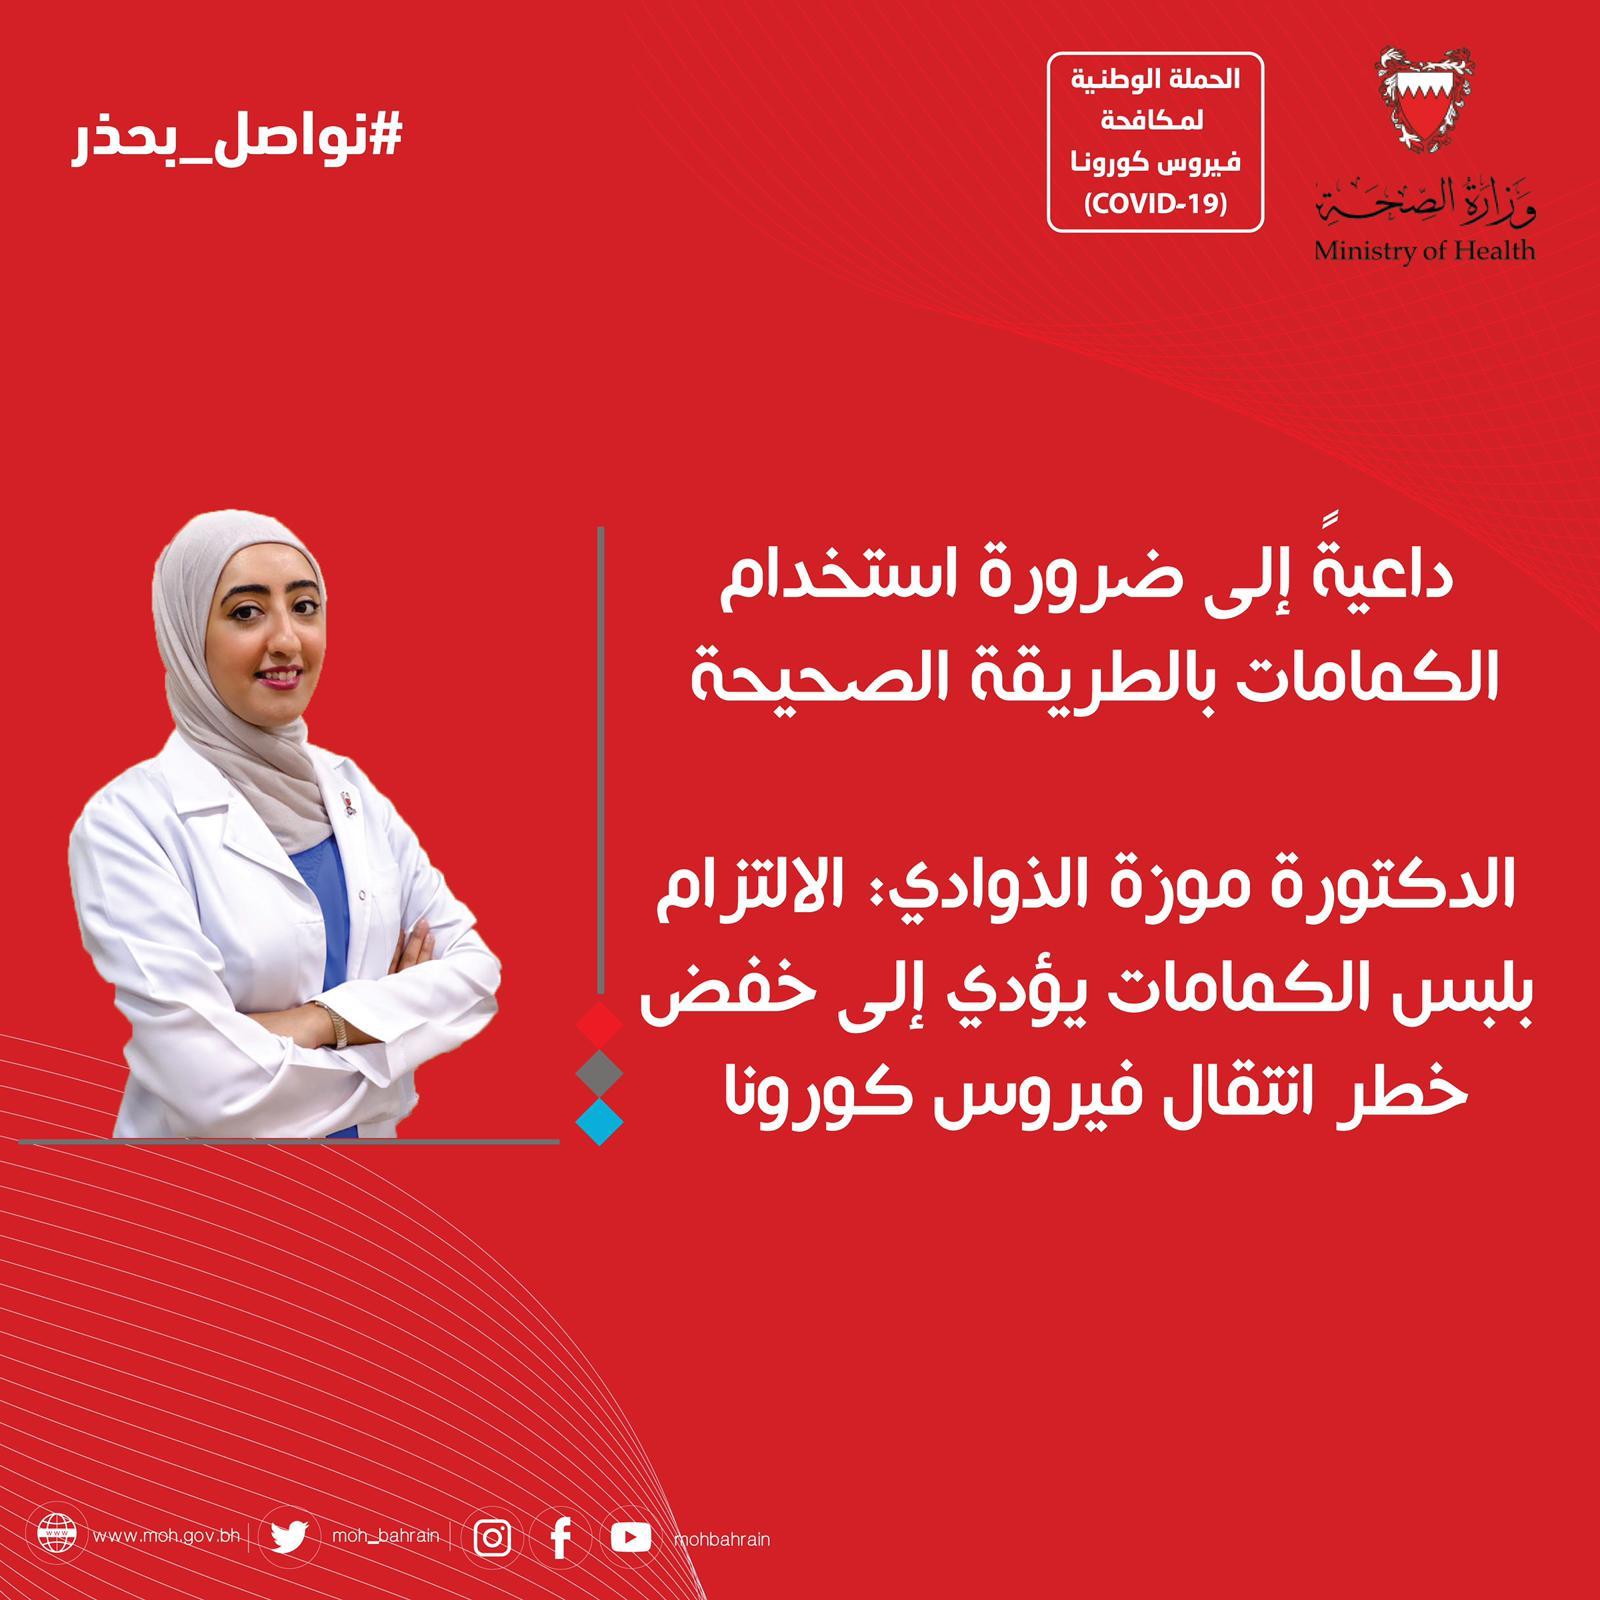 الدكتورة موزة الذوادي: الالتزام بلبس الكمامات يؤدي إلى خفض خطر انتقال فيروس كورونا